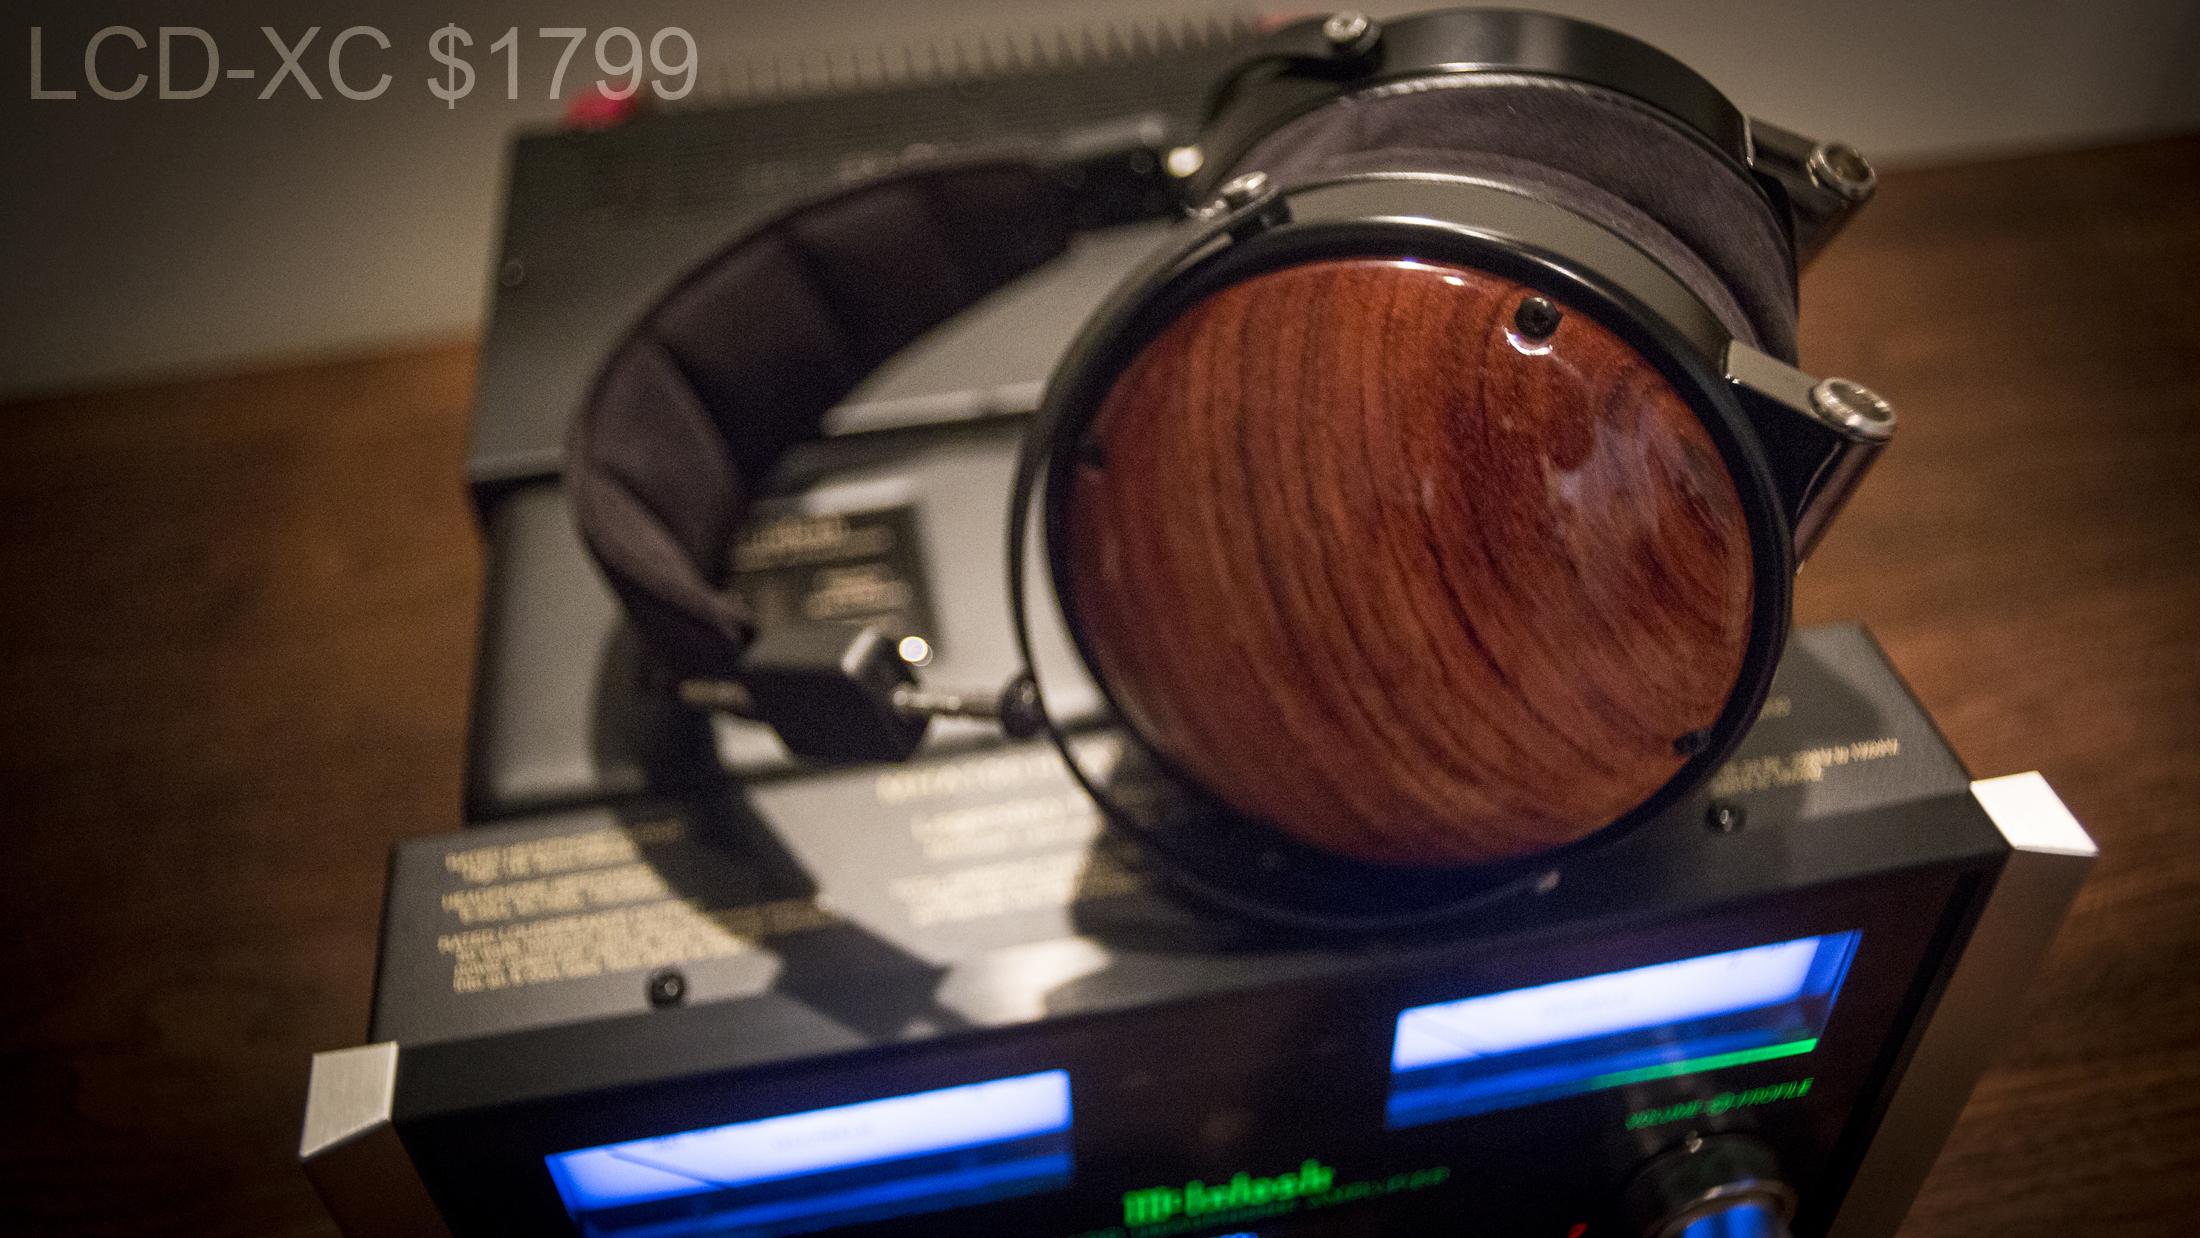 Audeze LCD-XC